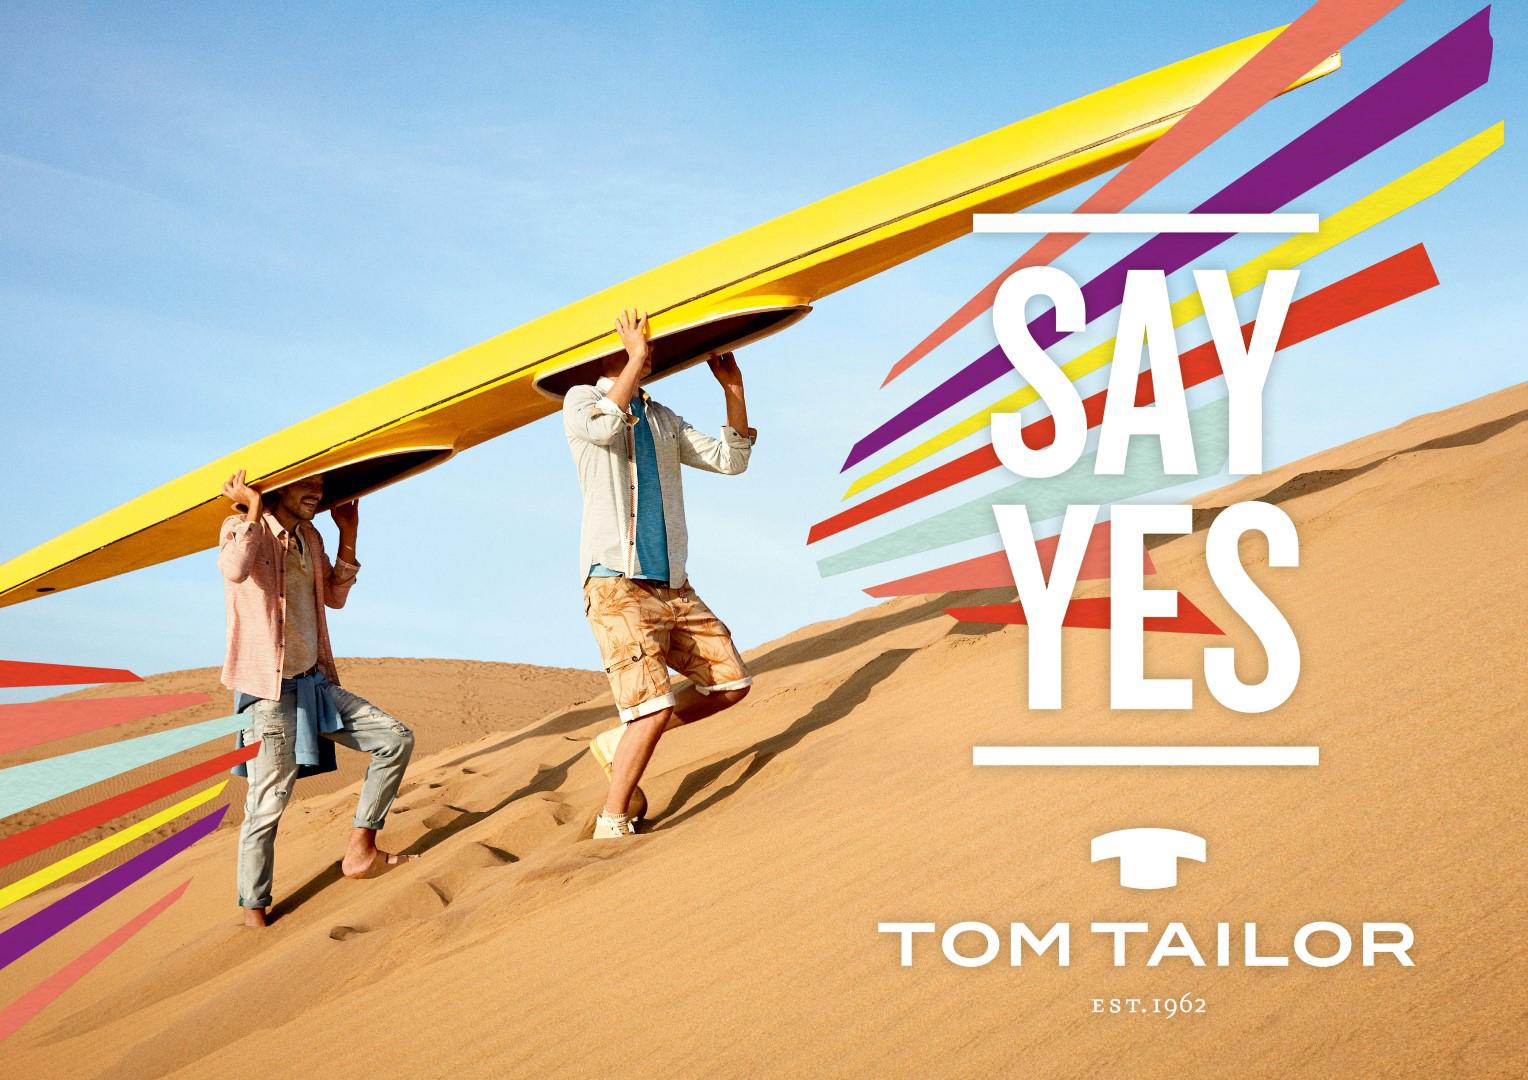 Das Bild zeigt ein Werbefoto der TOM TAILOR GmbH